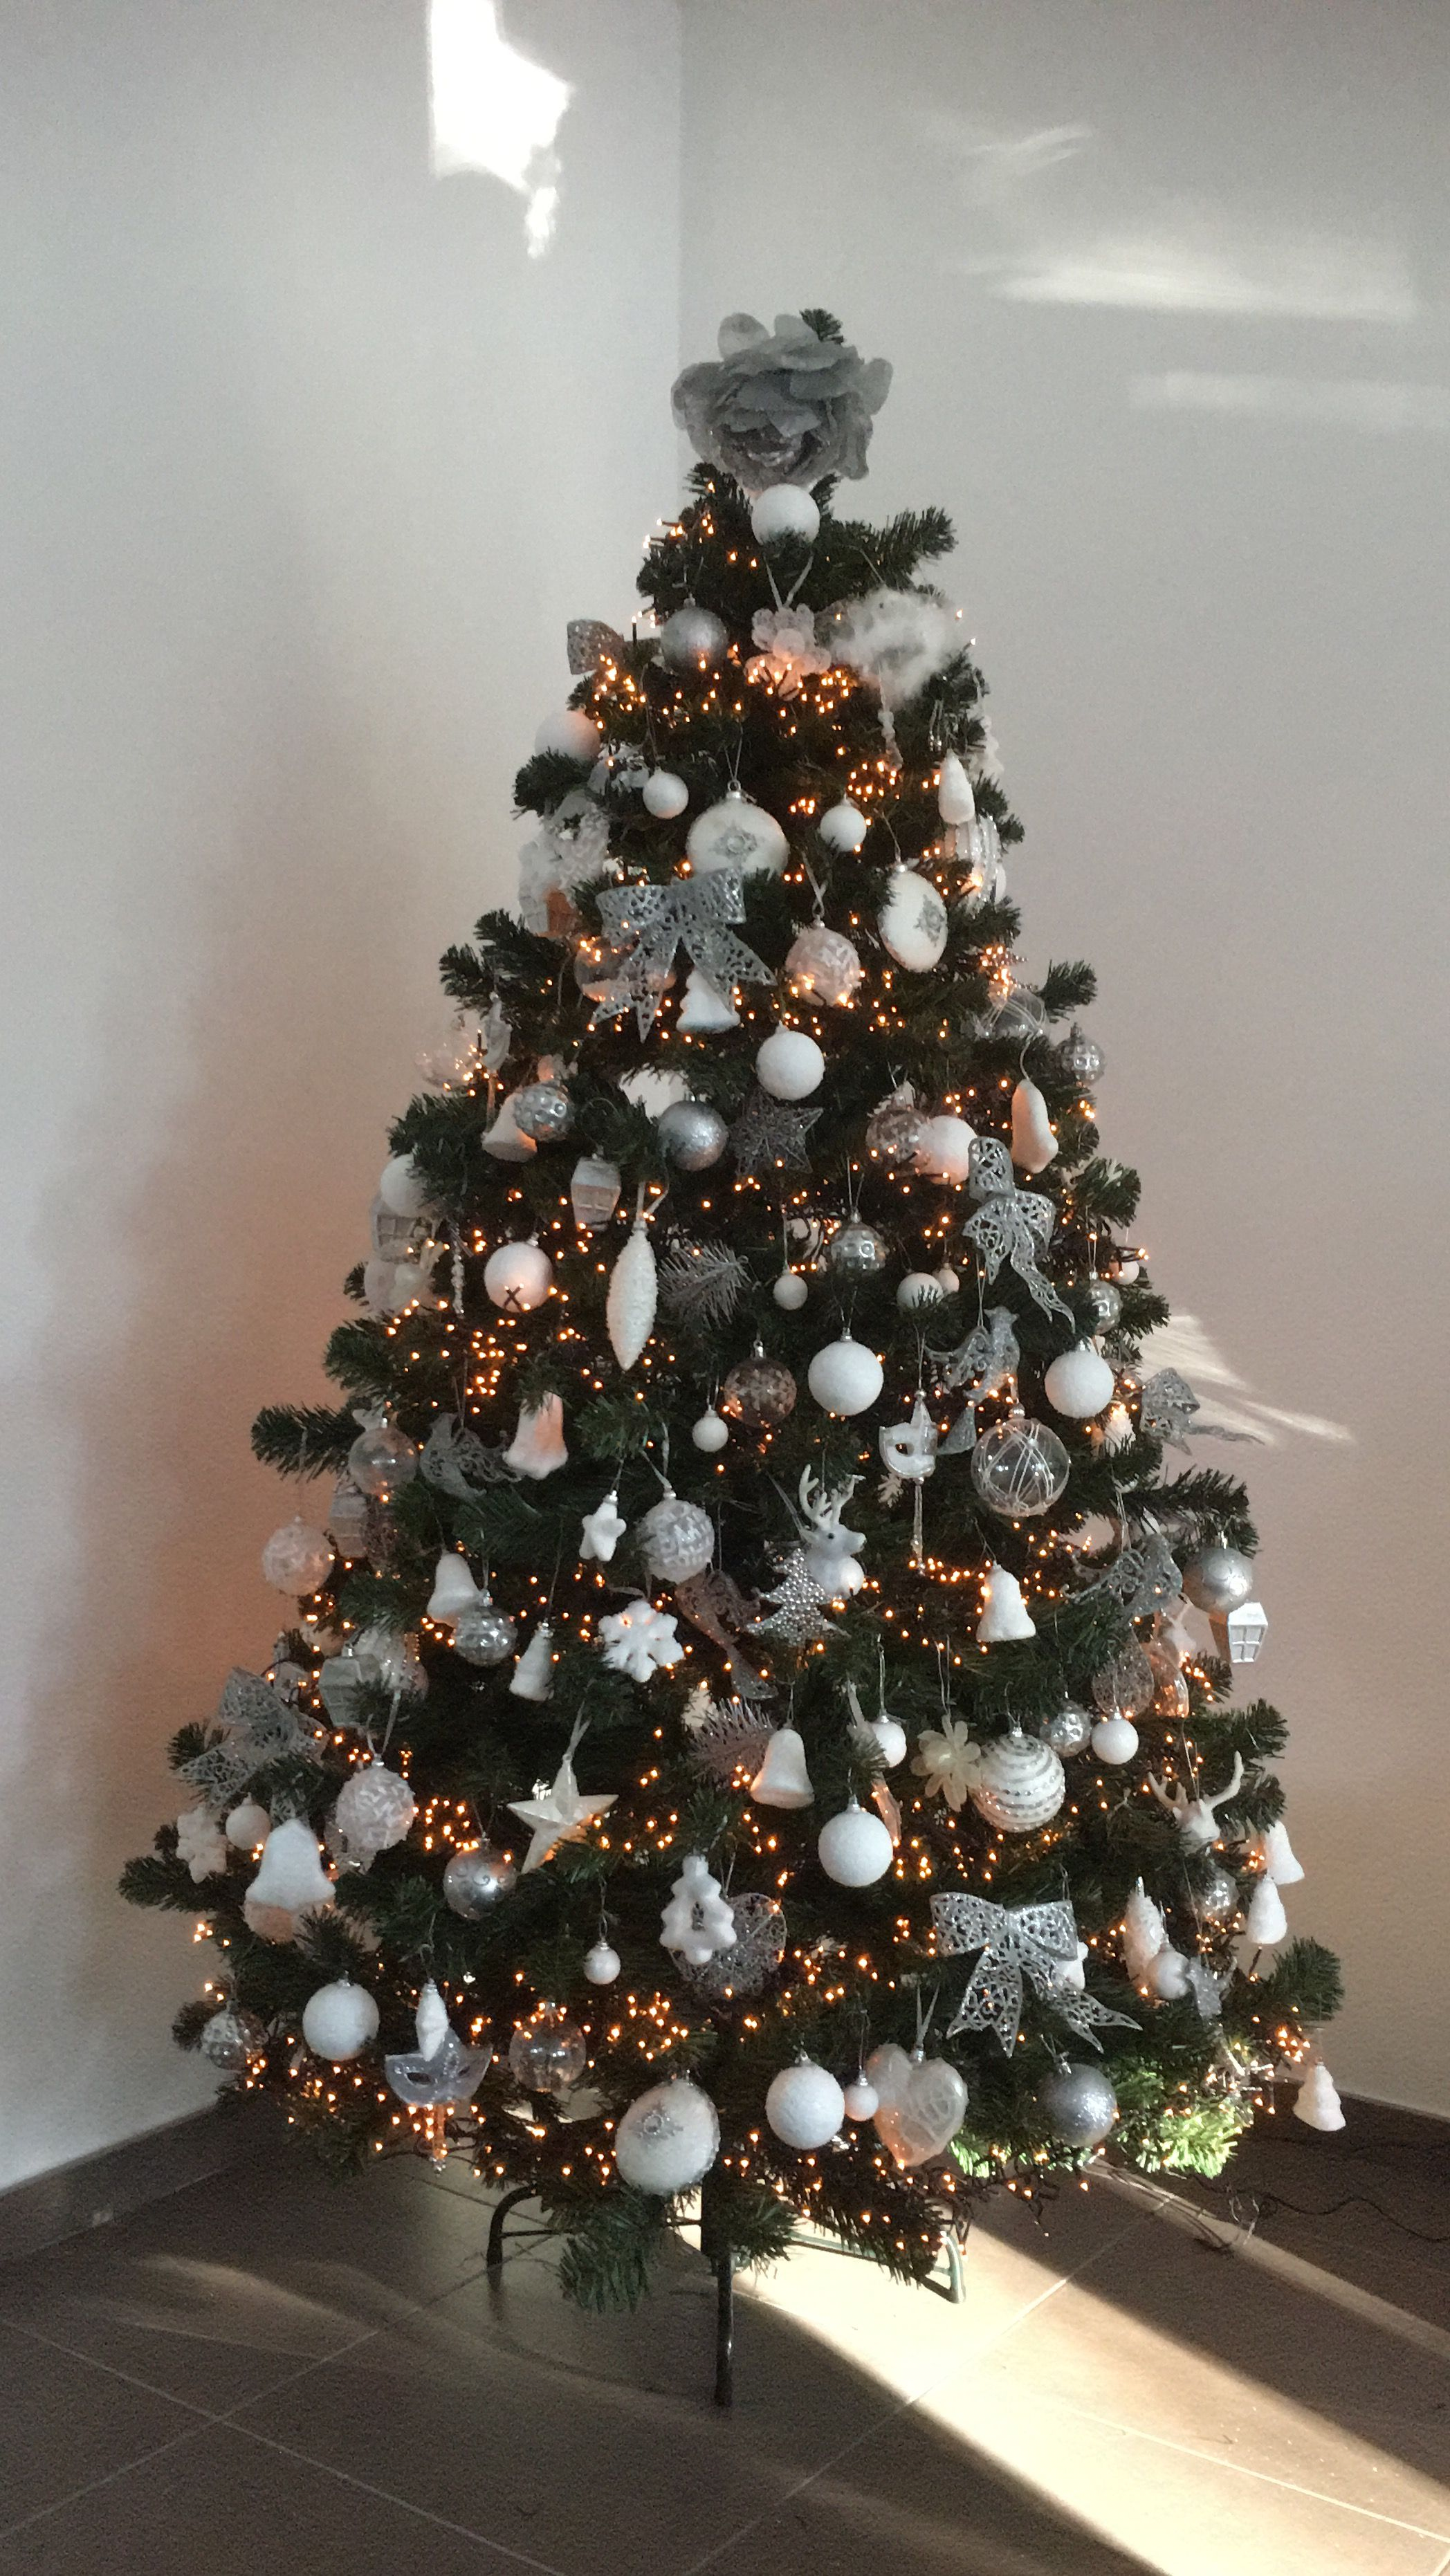 #kerstboomversieringen2019